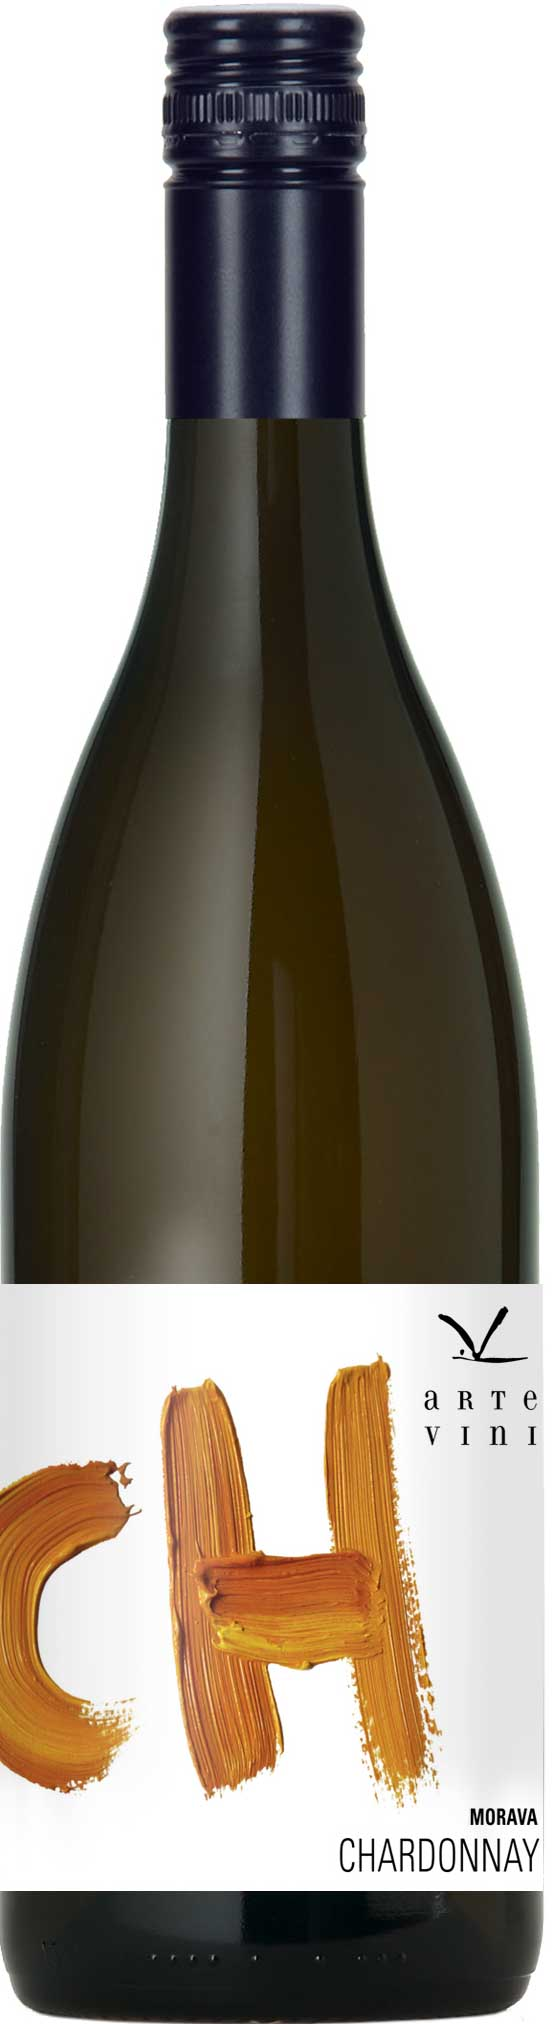 ARTE VINI - chardonnay